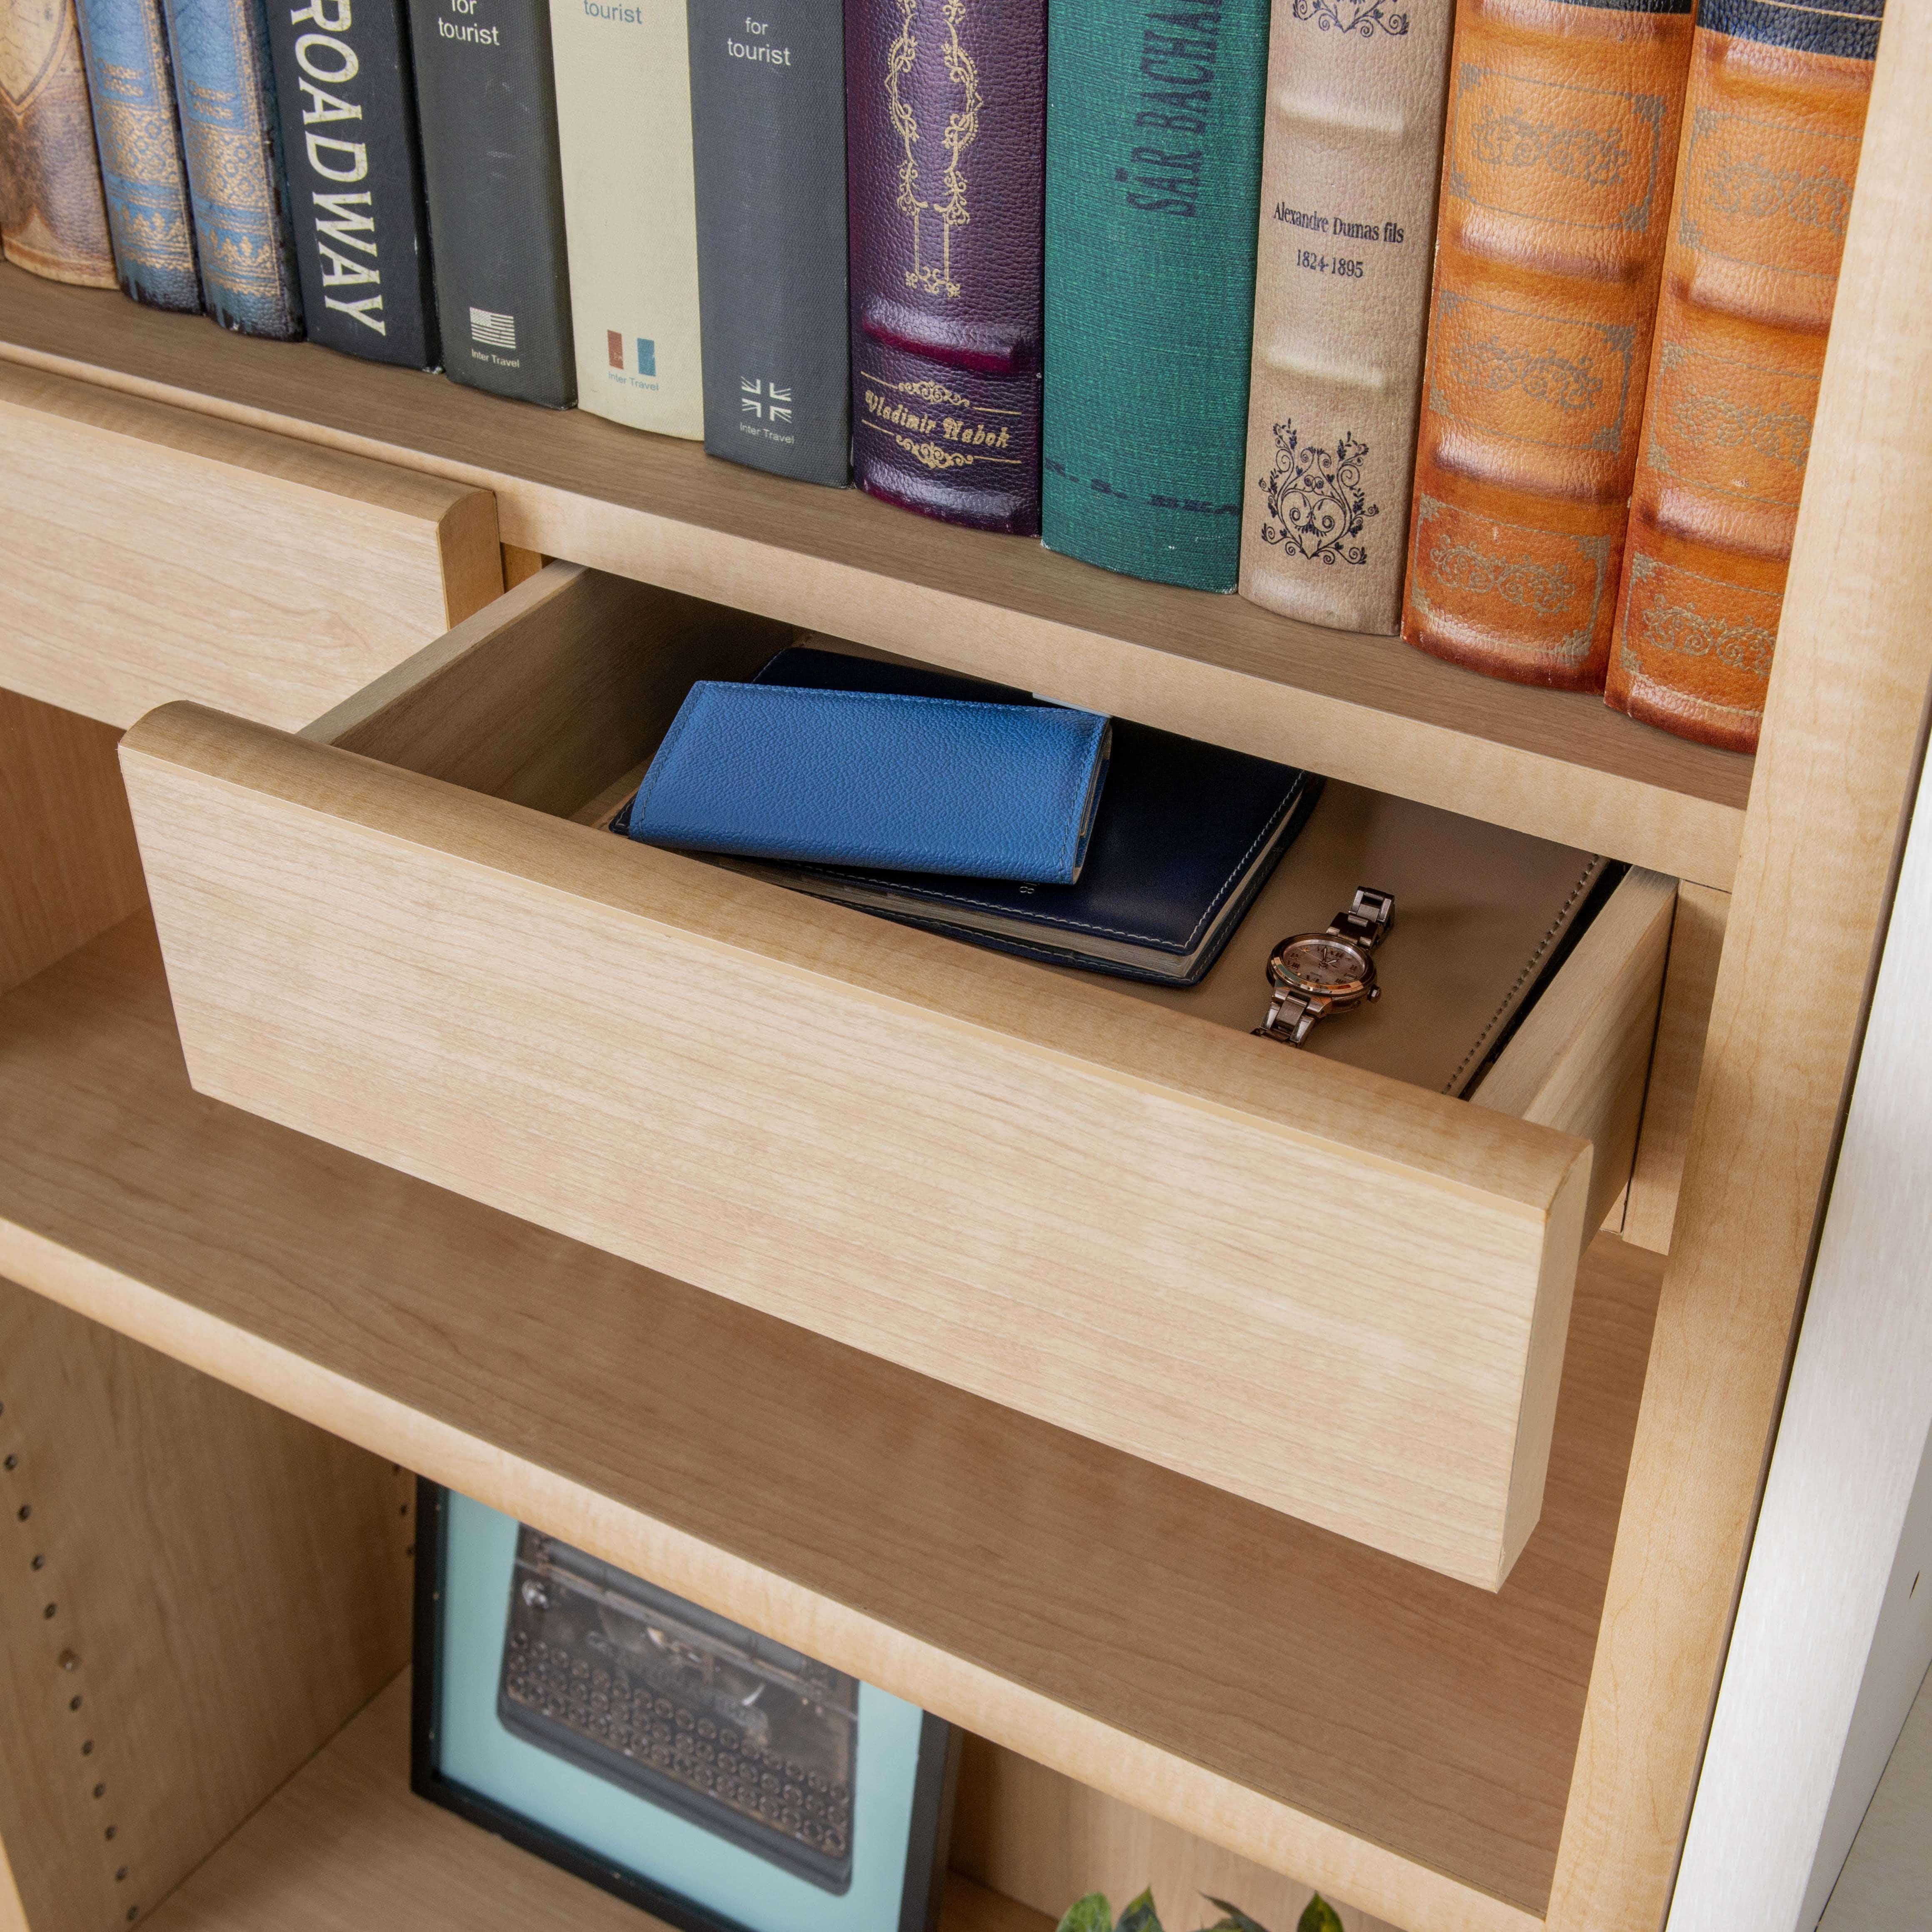 小島工芸 書棚 アコード90L(ウォールモカ):収納の幅を広げるオプション引き出し